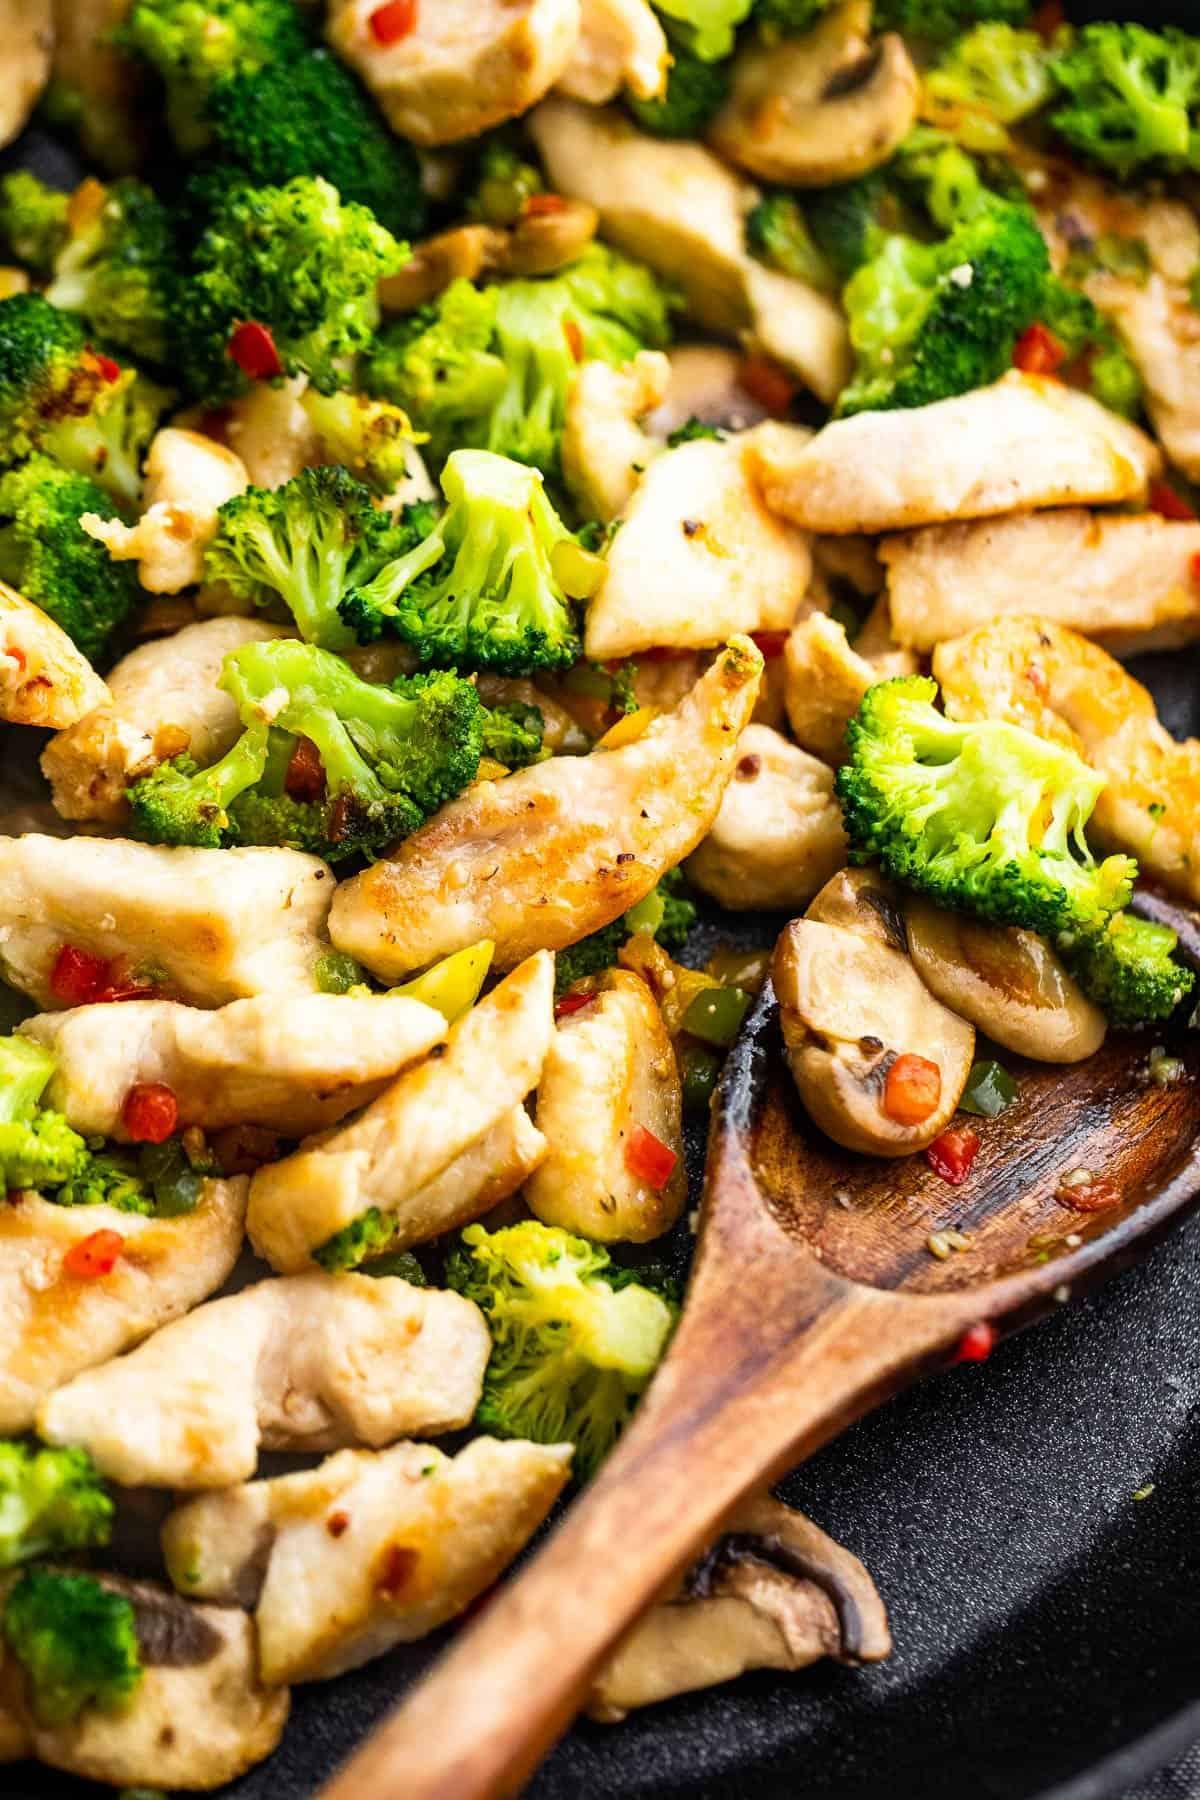 fakanál keverés csirke és brokkoli